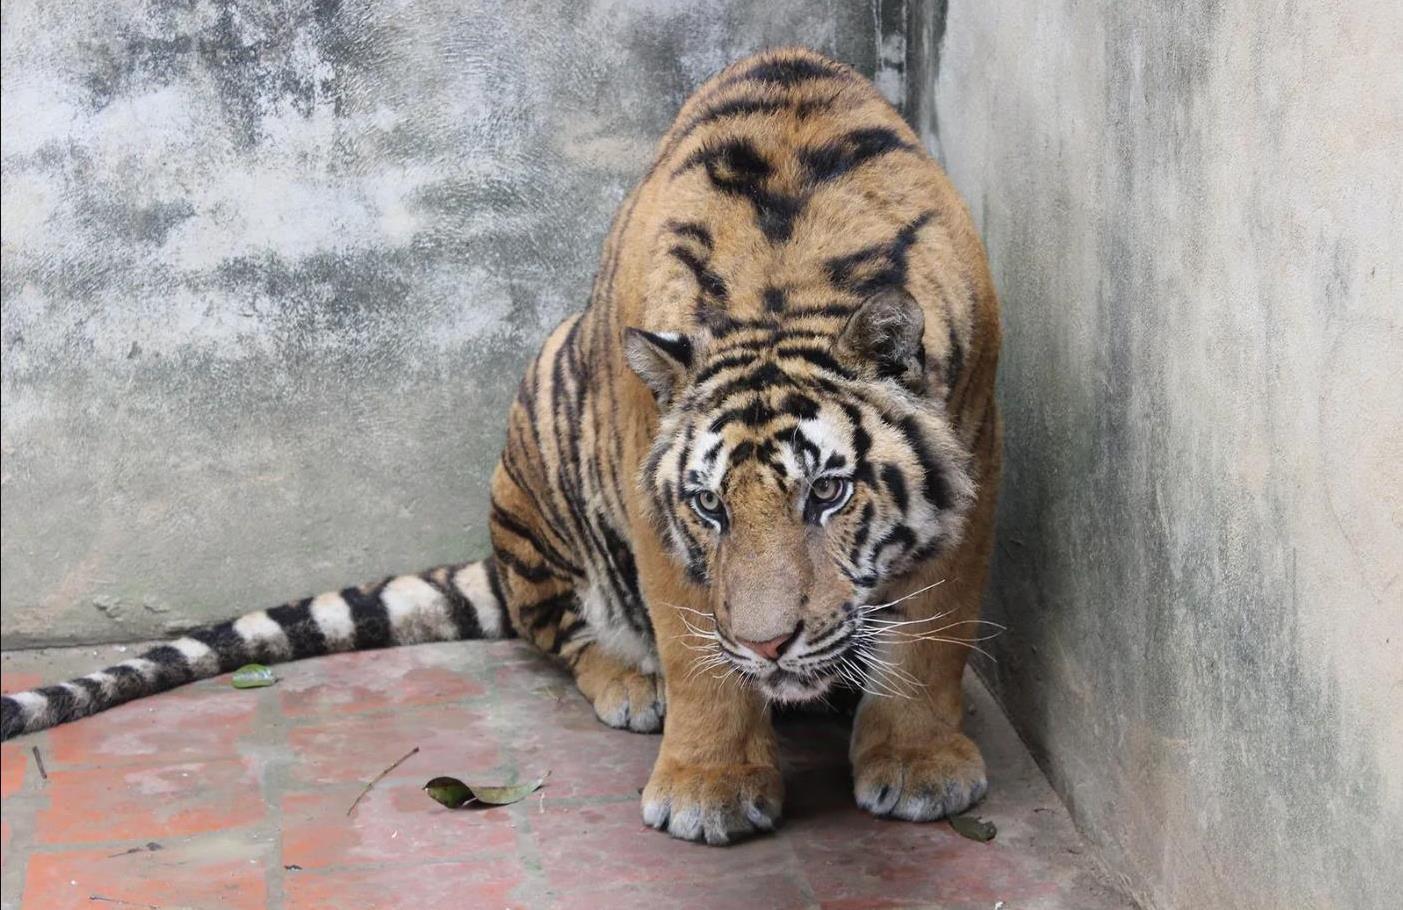 Cette photo d'un tigre enfermé dans un enclos bétonné d'une ferme a été prise au Vietnam en 2016 par des enquêteurs de l'organisation Education for Nature - Vietnam. Photo : Education for Nature – Vietnam (Cliquez pour agrandir)